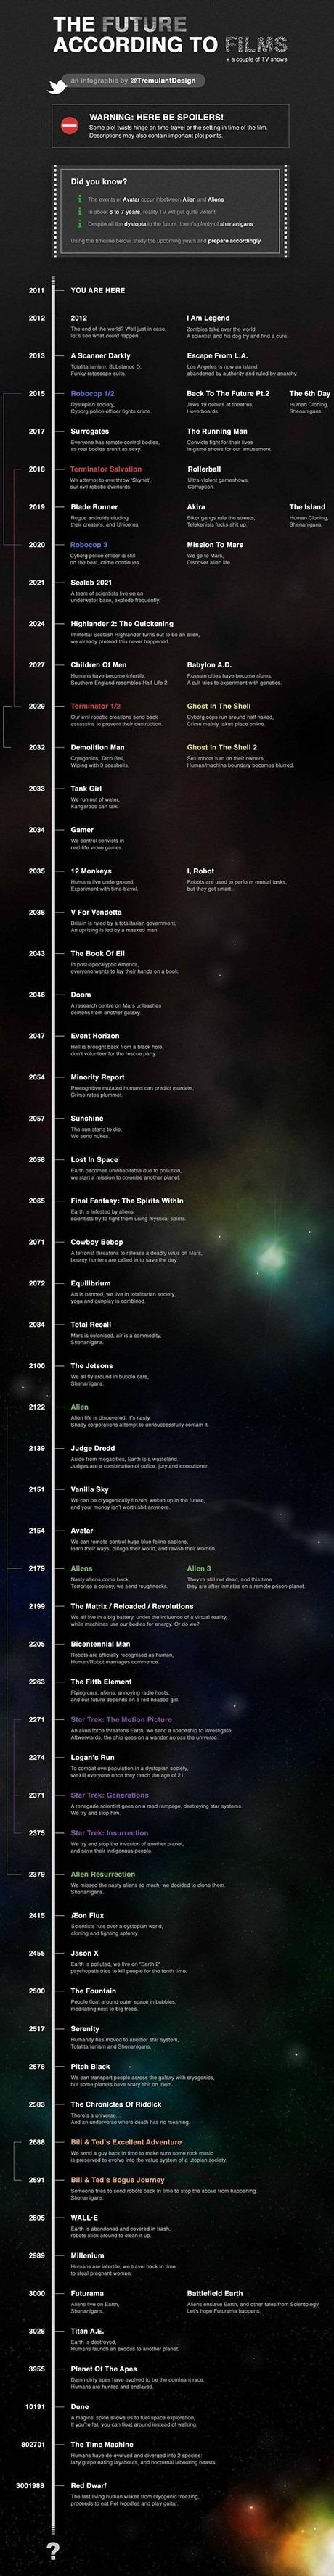 21-08-2012 futurosegunpeliculas